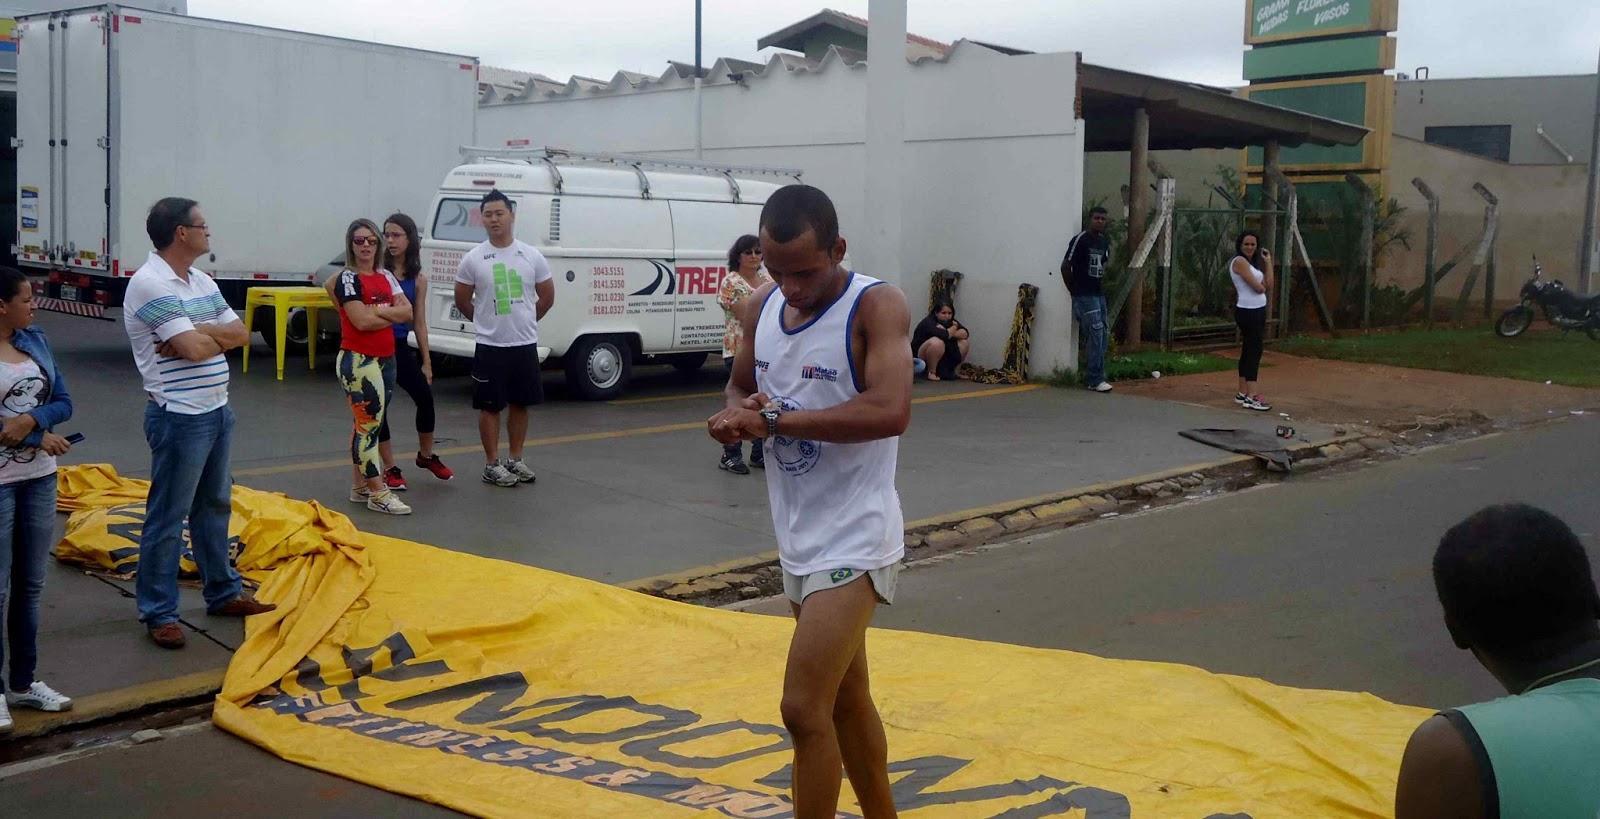 Foto 69 da 1ª Corrida Av. dos Coqueiros em Barretos-SP 14/04/2013 – Atletas cruzando a linha de chegada